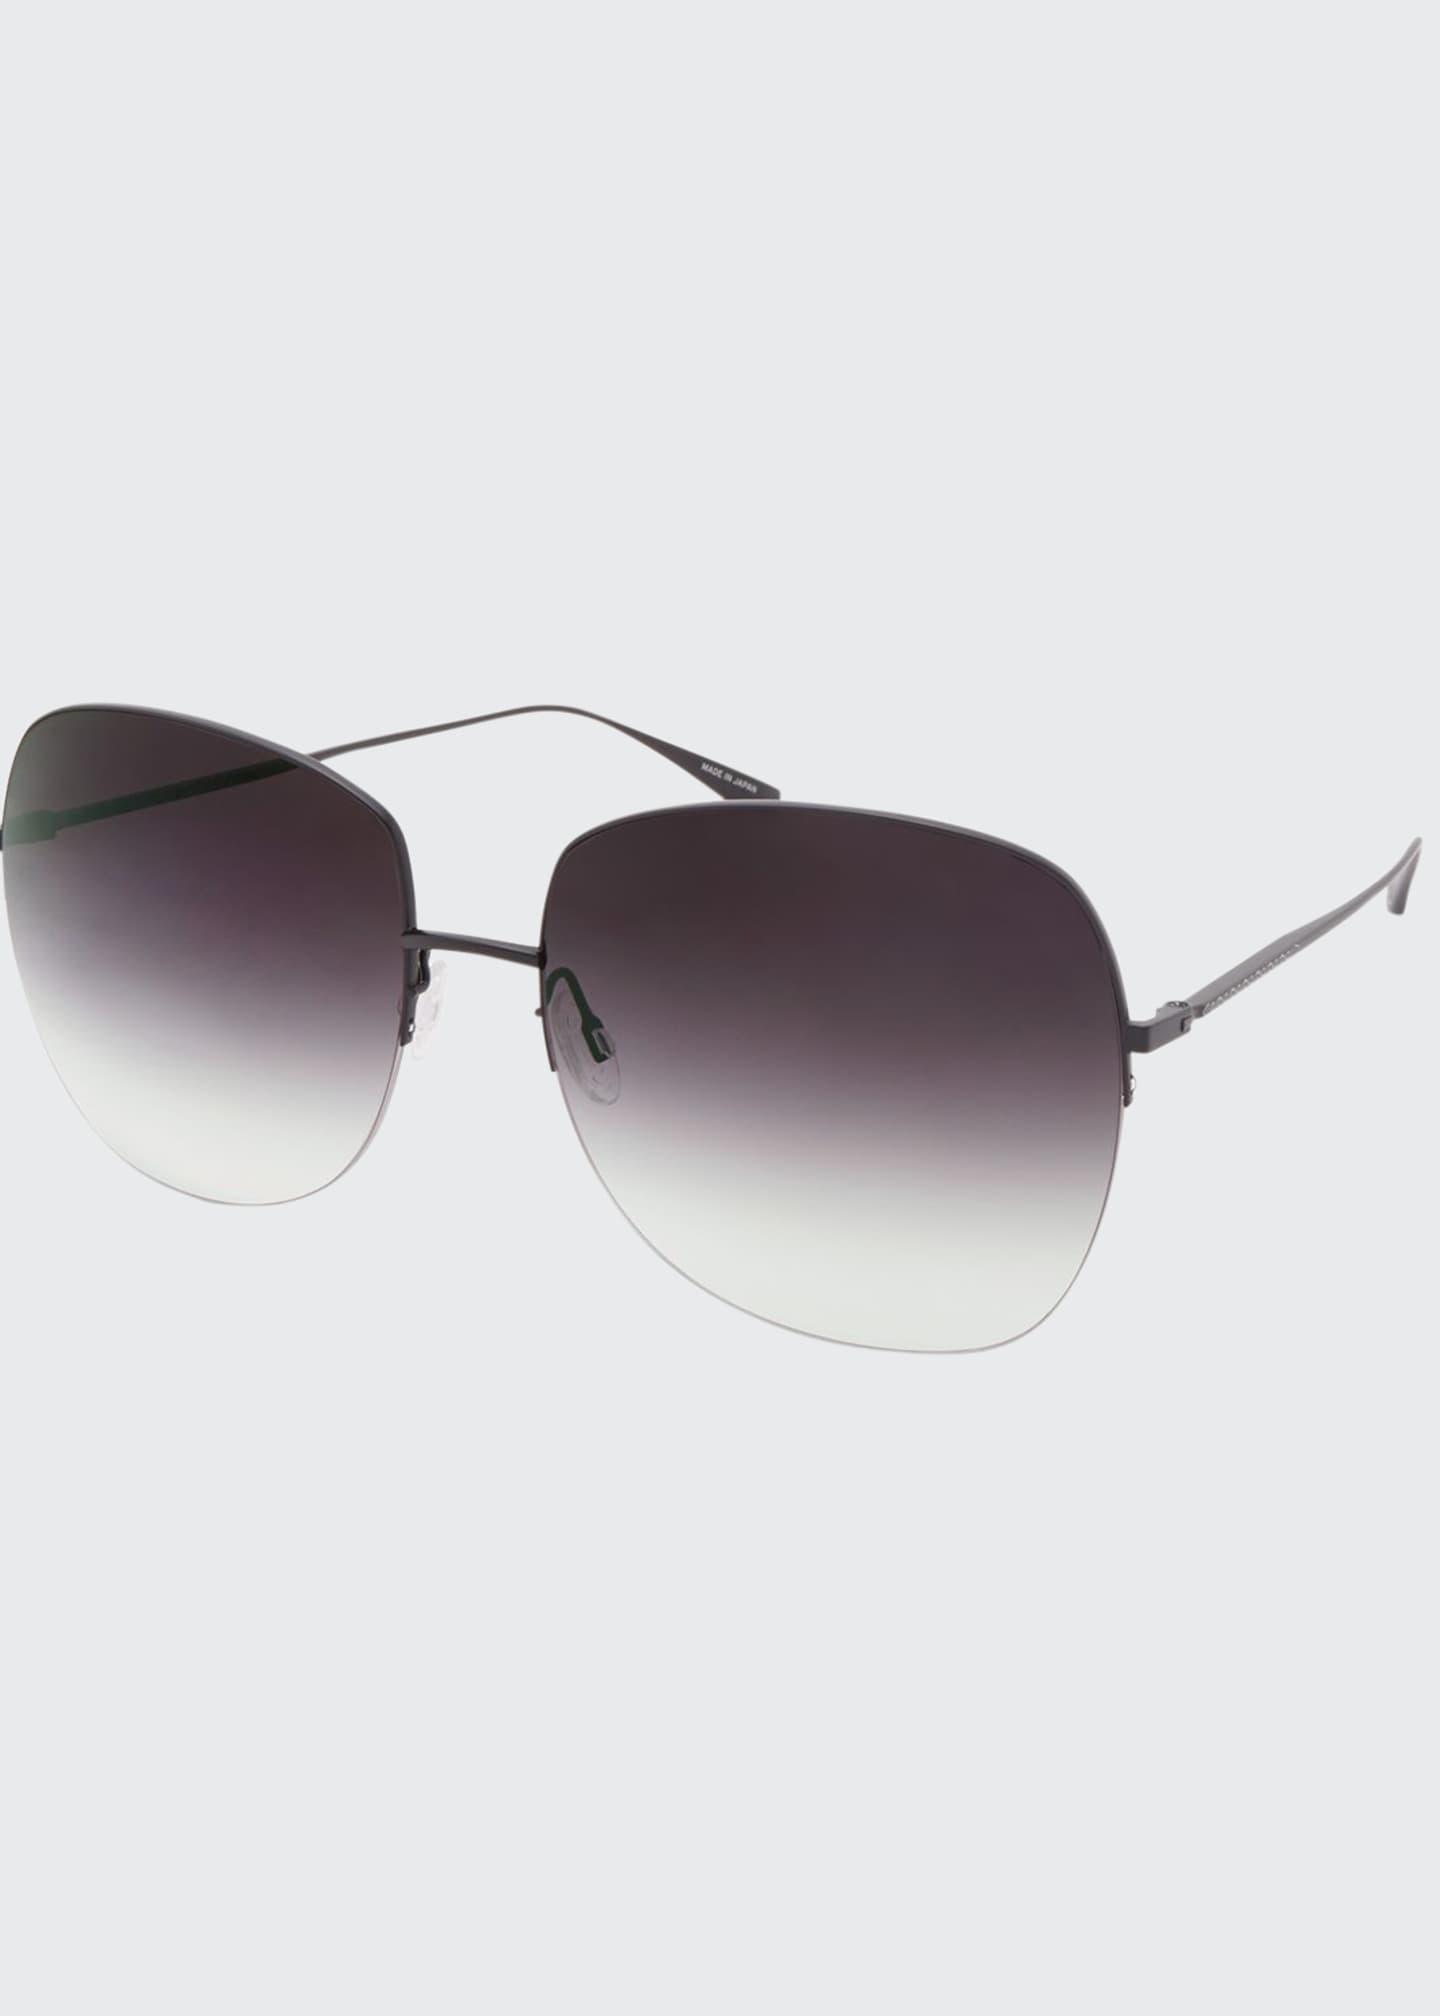 Barton Perreira Harmonia Round Rimless Titanium Sunglasses